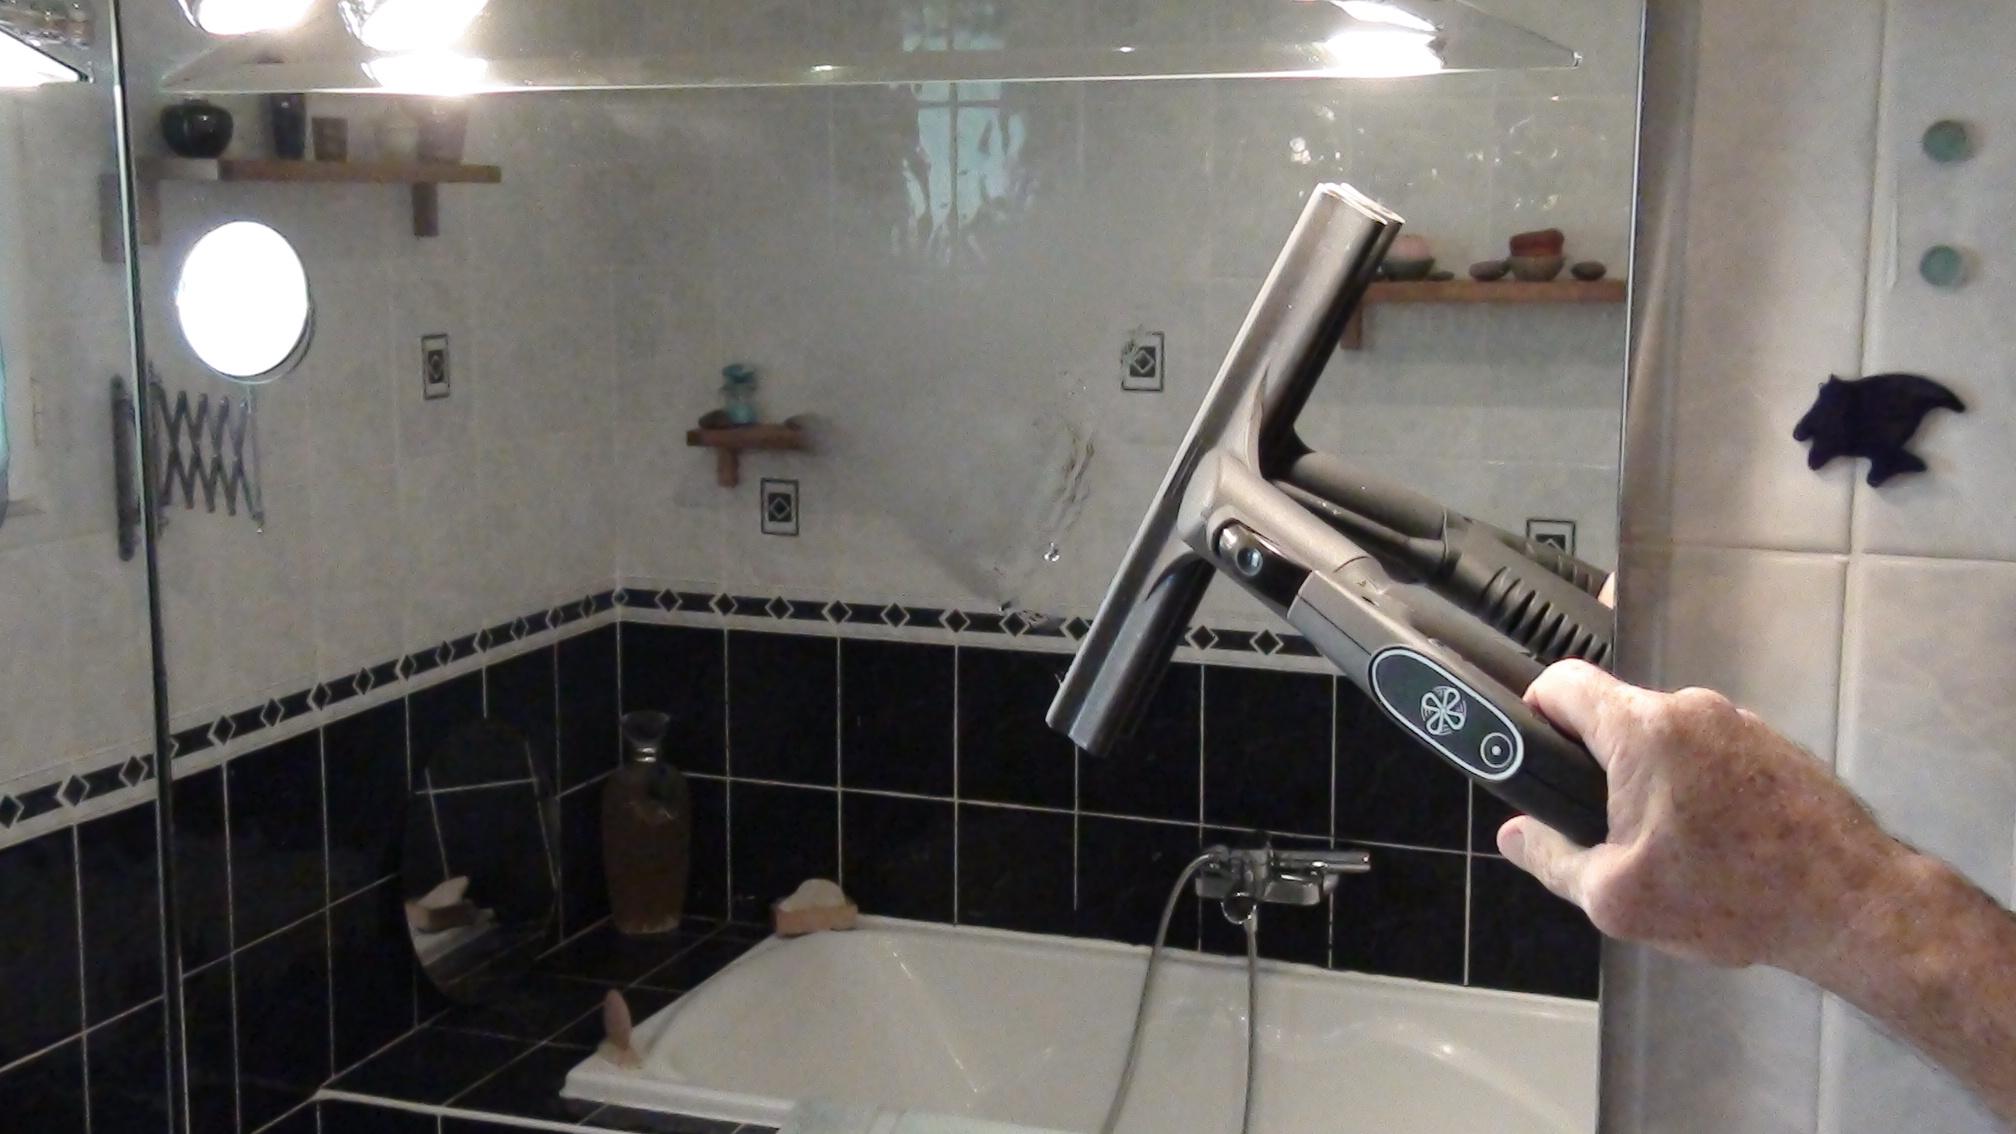 comment nettoyer les sanitaires avec le nettoyeur aspirateur vapeur aspirateur nettoyeur. Black Bedroom Furniture Sets. Home Design Ideas